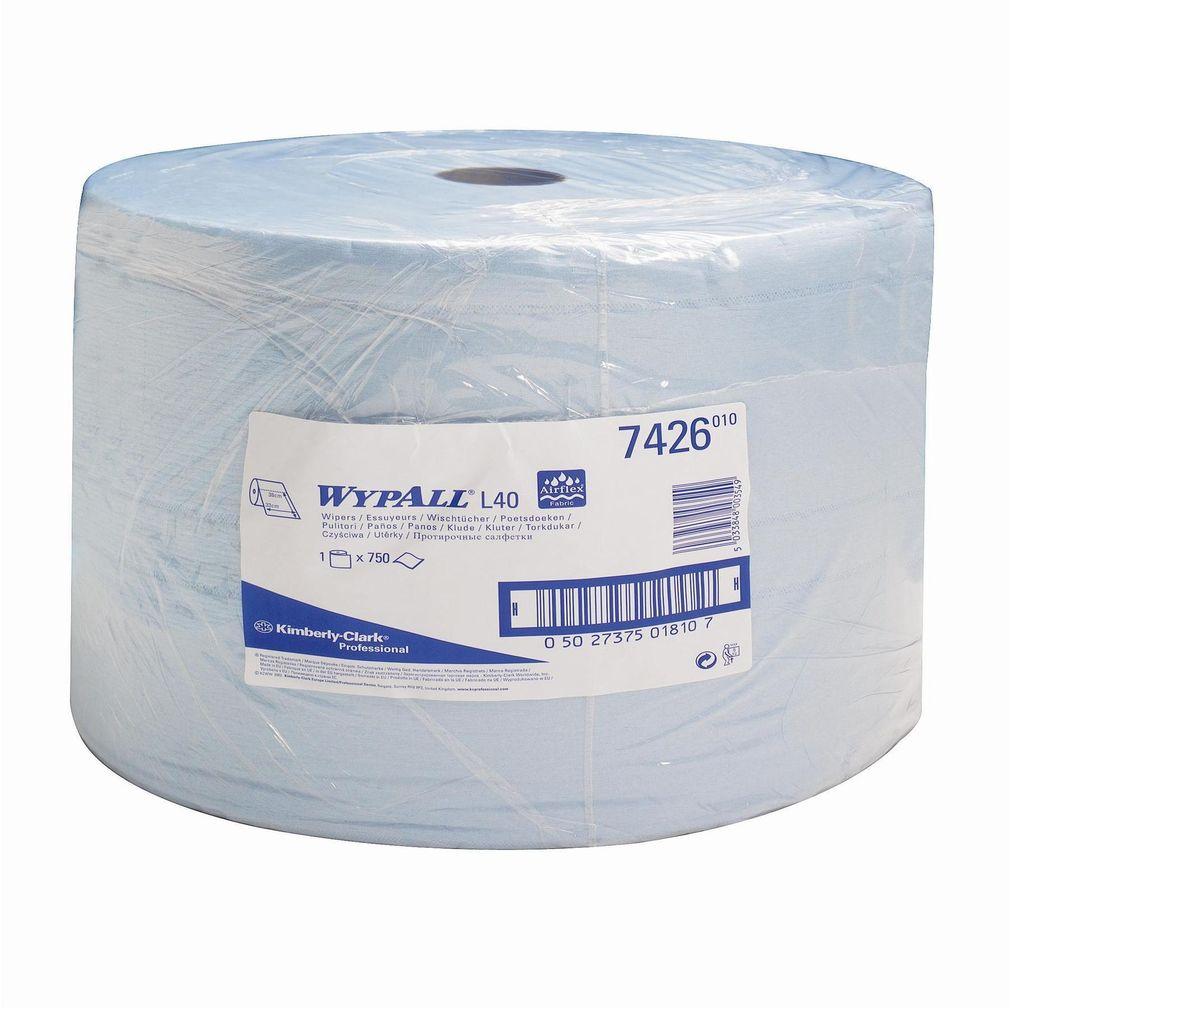 Полотенца бумажные Wypall L40, трехслойные, 750 листов. 7426V30 AC DCБумажные полотенца Wypall L40 - это идеальное решение для сухой очистки оборудования высокой степени важности и поверхностей в фармацевтической промышленности, в высокотехнологичных биотехнологических отраслях, при производстве медицинского оборудования, а также очистки на участках пищевой промышленности. Полотенца Wypall L40 могут использоваться с переносными или стационарными диспенсерами для контроля расхода продукта и уменьшения объема отходов. Количество: 750 шт.